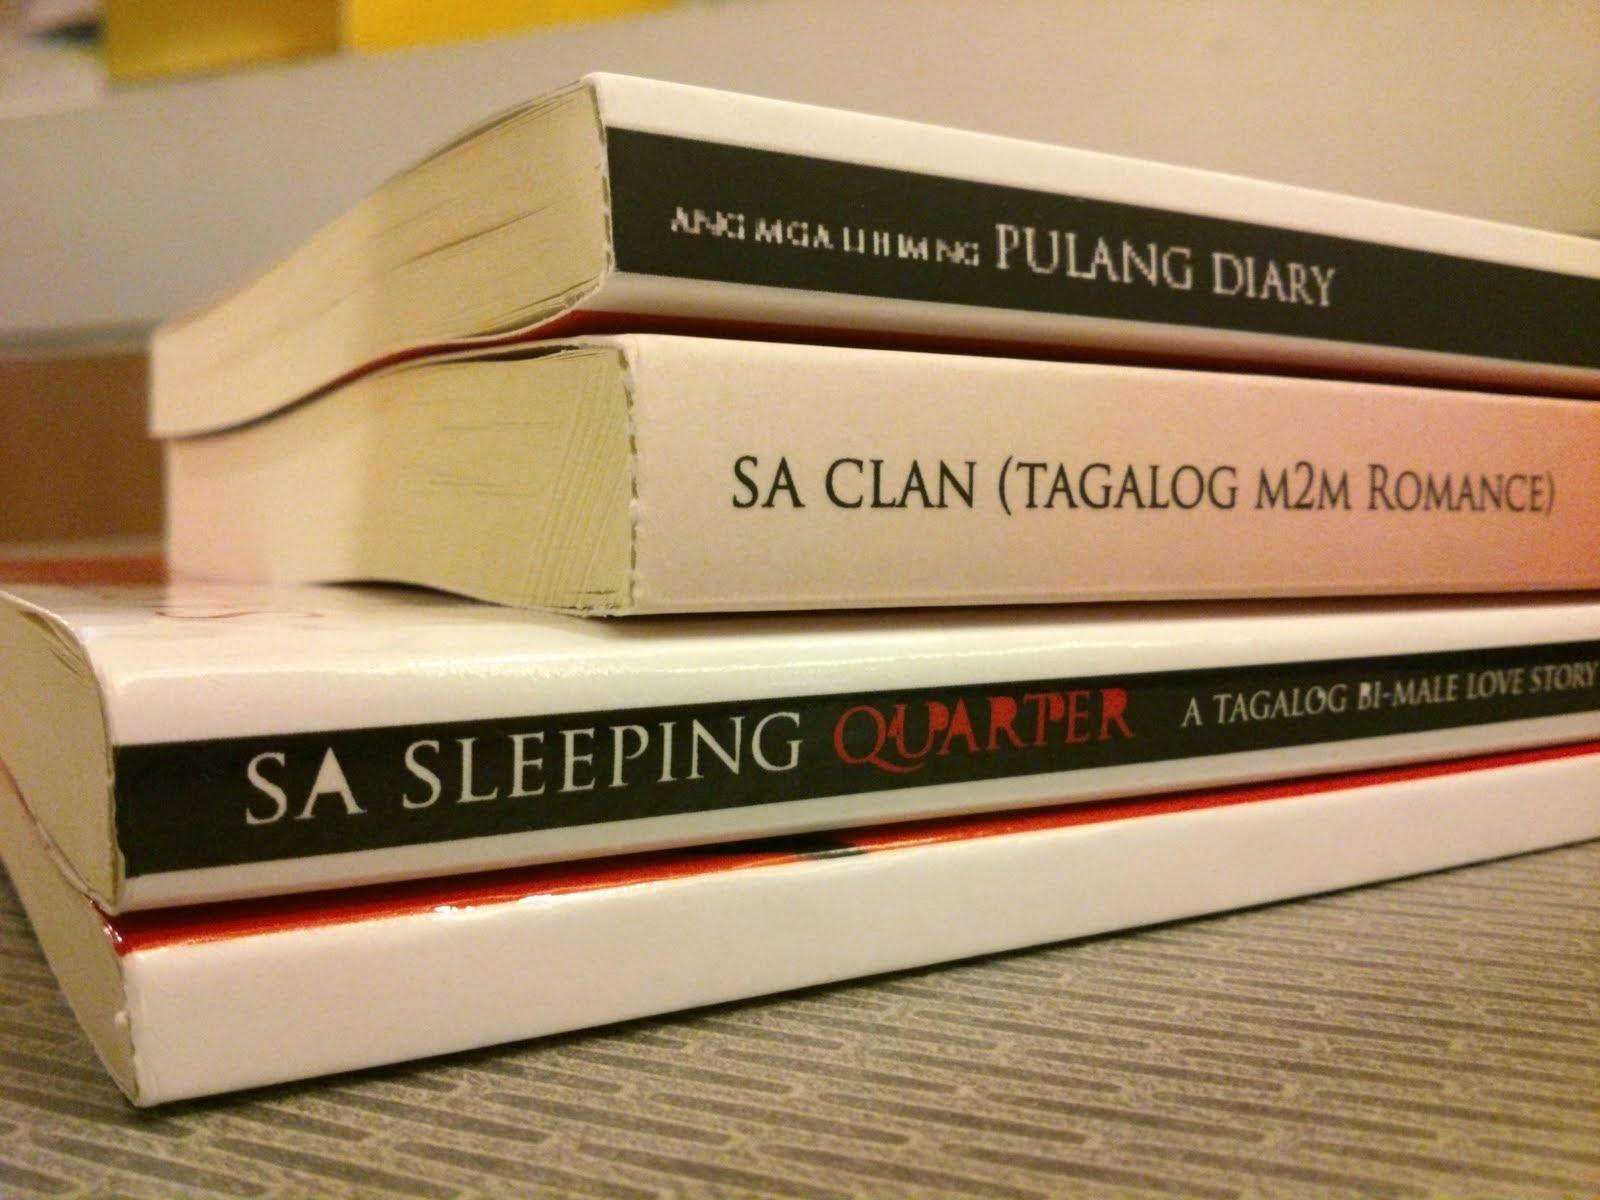 Pre-Order Tagalog M2M Printed Books